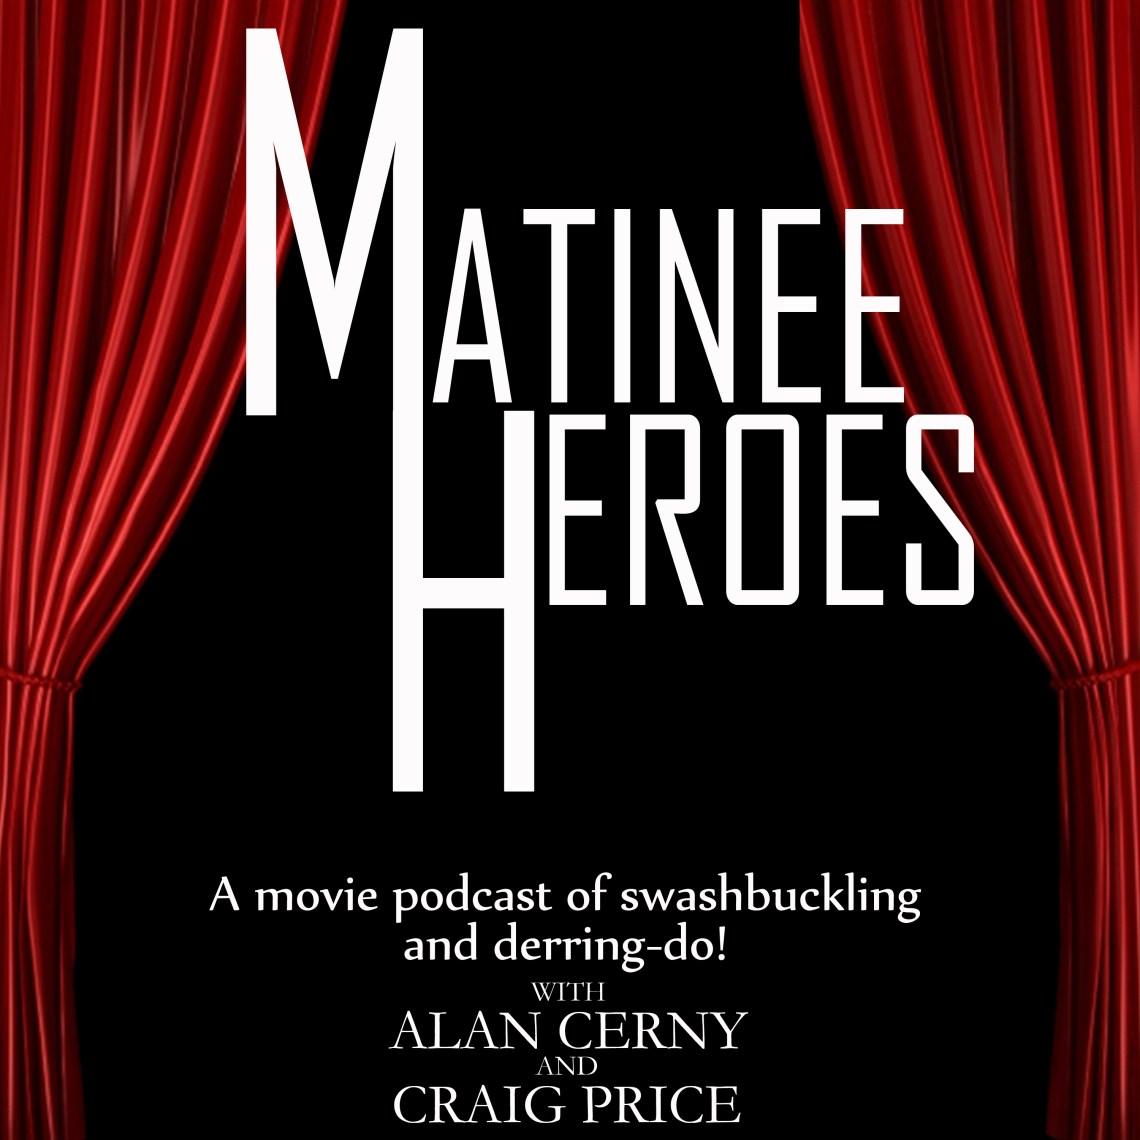 Matinee Heroes